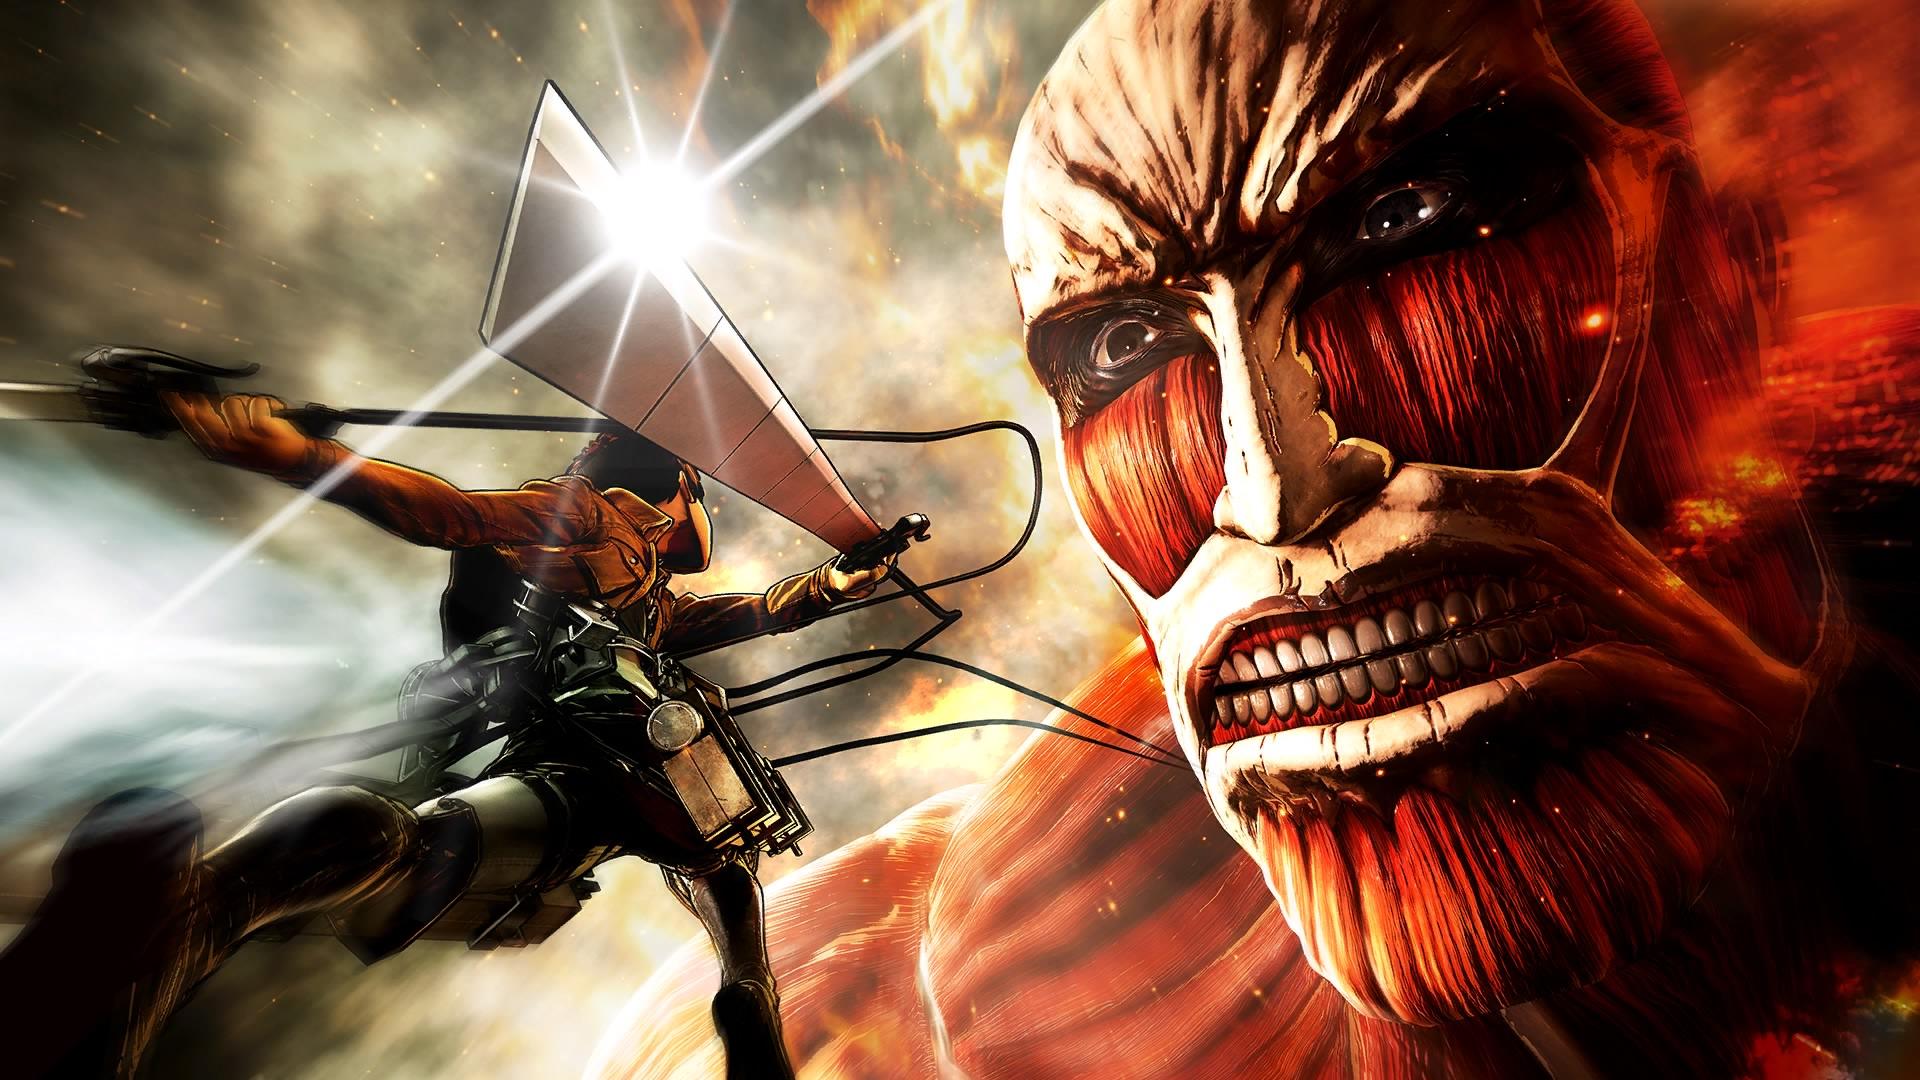 Посмотрите новые скриншоты Attack on Titan 2 и узнайте подробности геймплея